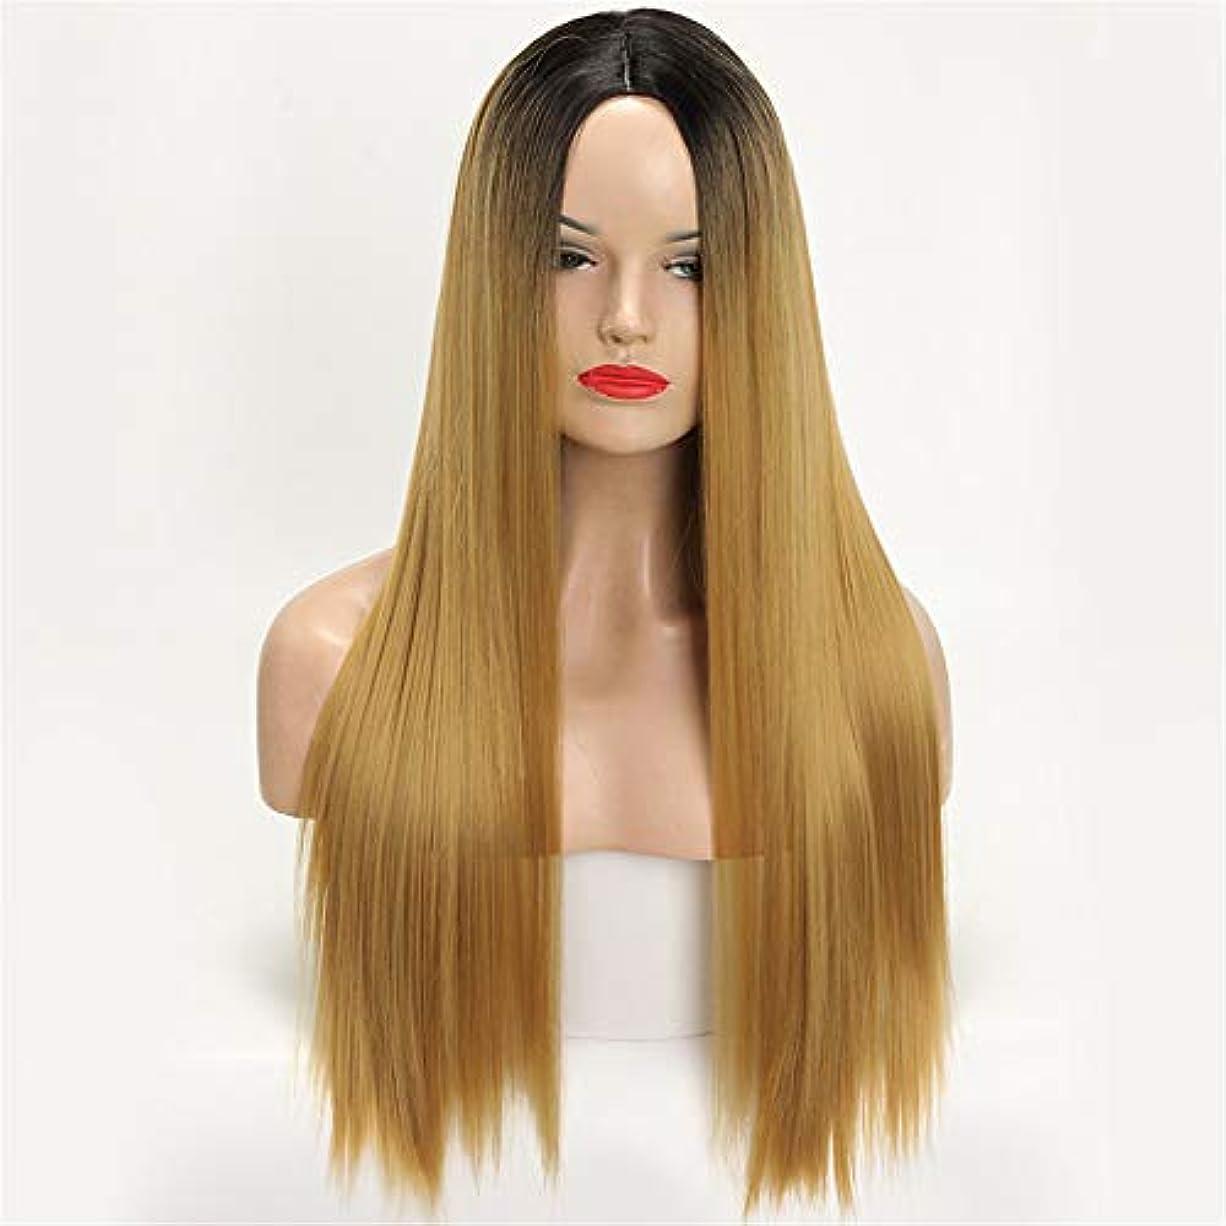 アッティカス石鹸トリッキーかつらロングストレートヘア女性勾配化学繊維フードオンブルブラックブロンドロングストレート高温合成繊維ウィッグ女性用ウィッグ30インチ